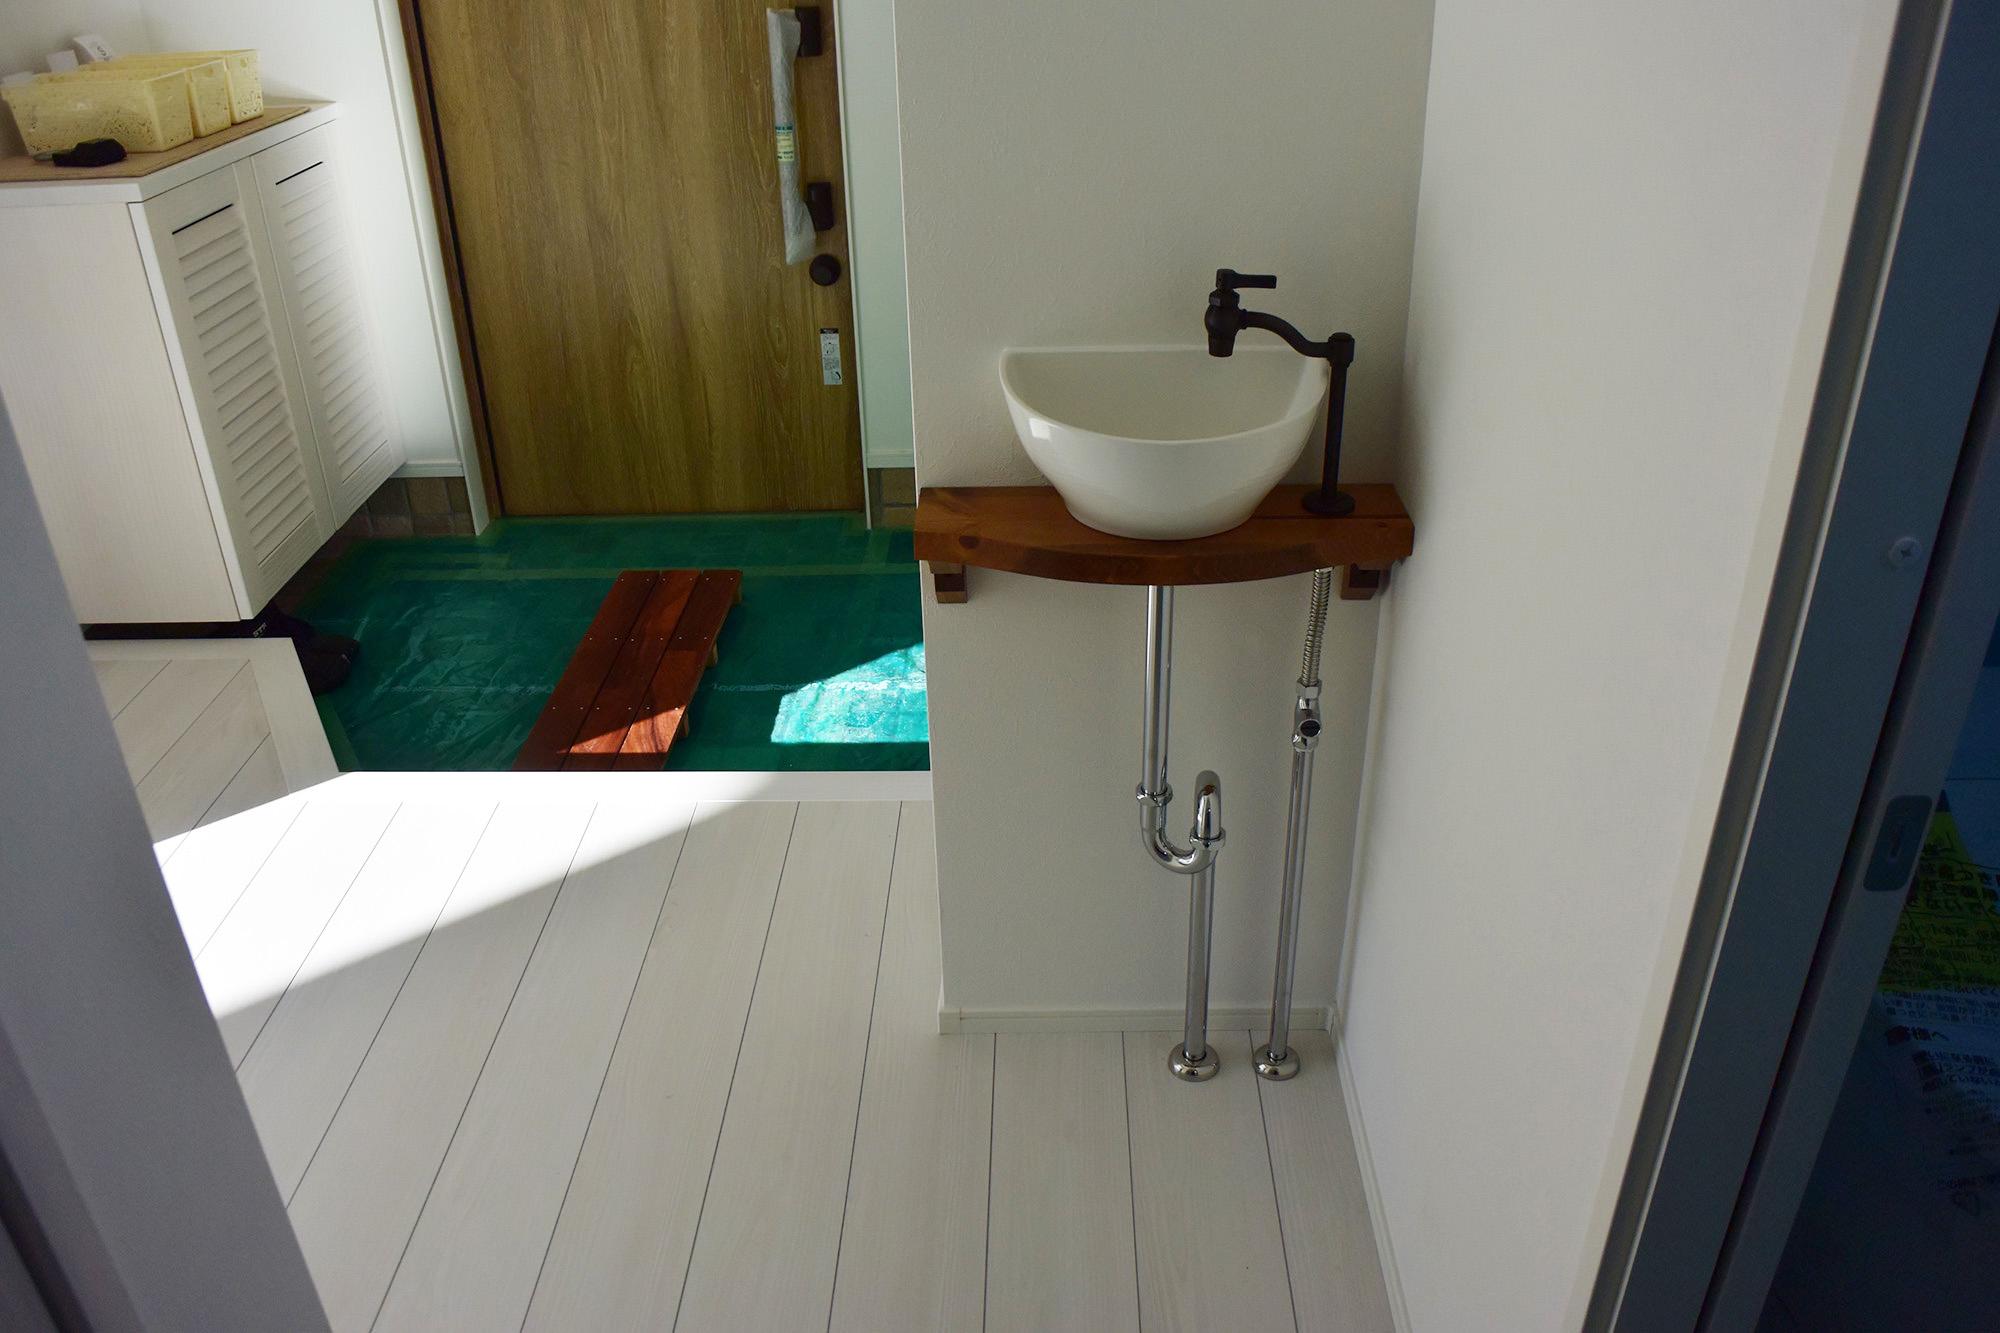 玄関を入ると可愛くおしゃれな手洗いコーナが設けられています。